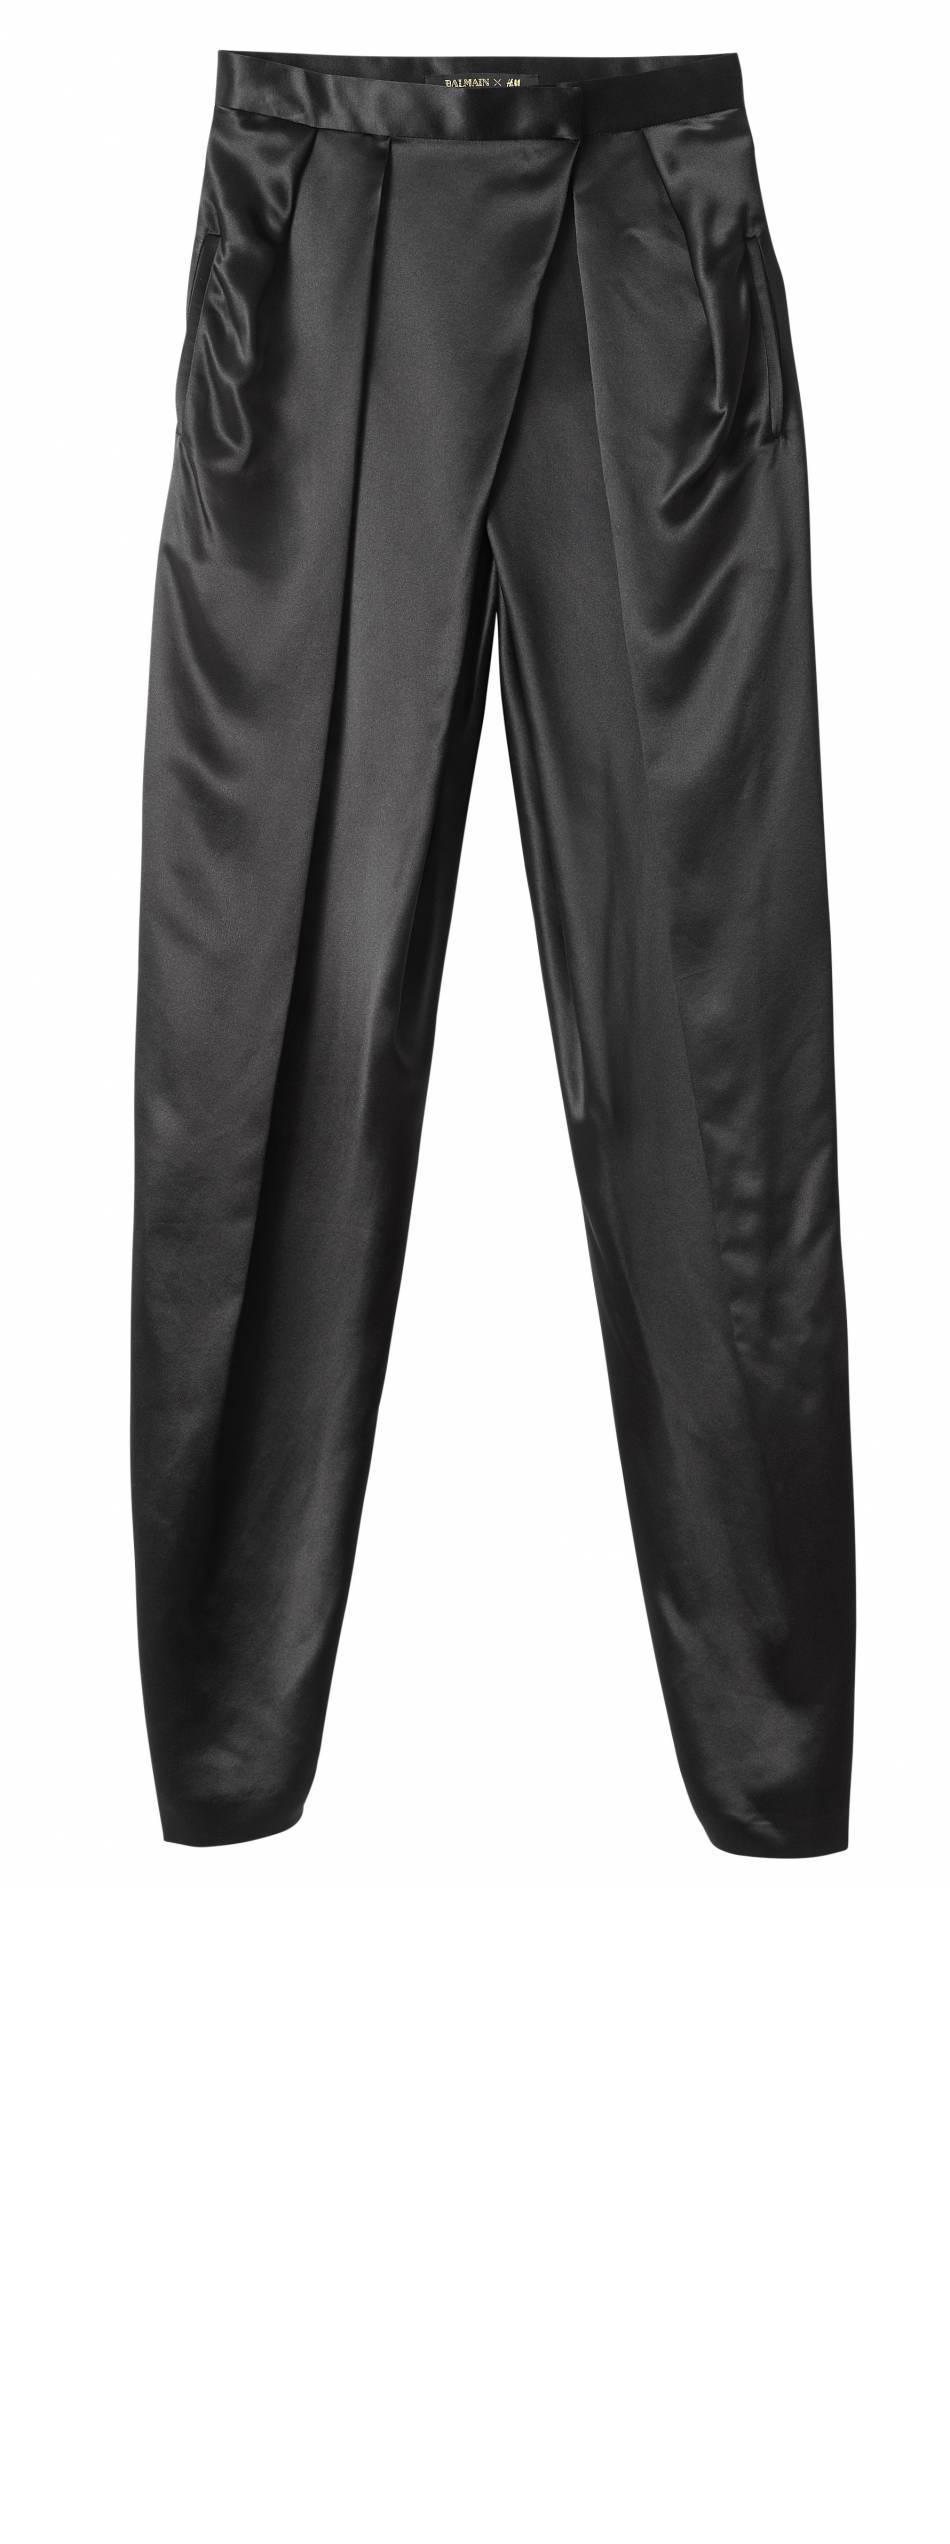 Balmain x H&M - pantalon